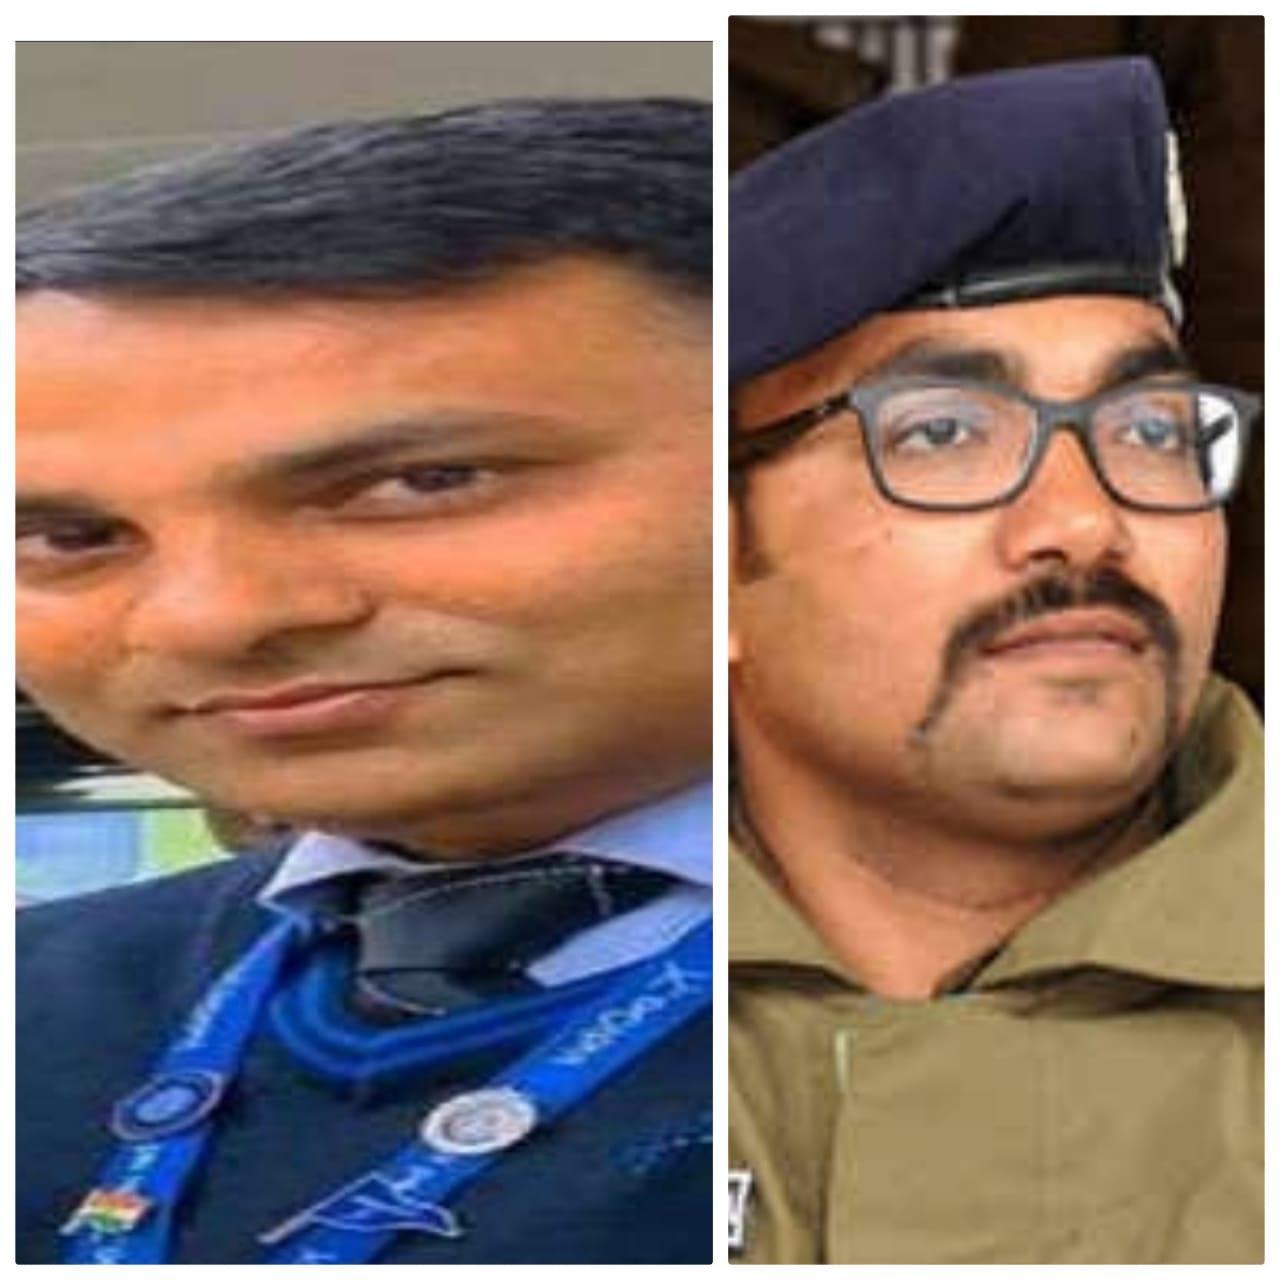 22 दिनों के बाद रूपेश हत्याकांड का खुलासा – रोडरेज के कारण बाइक चोर ऋतुराज ने हत्या की-पटना पुलिस